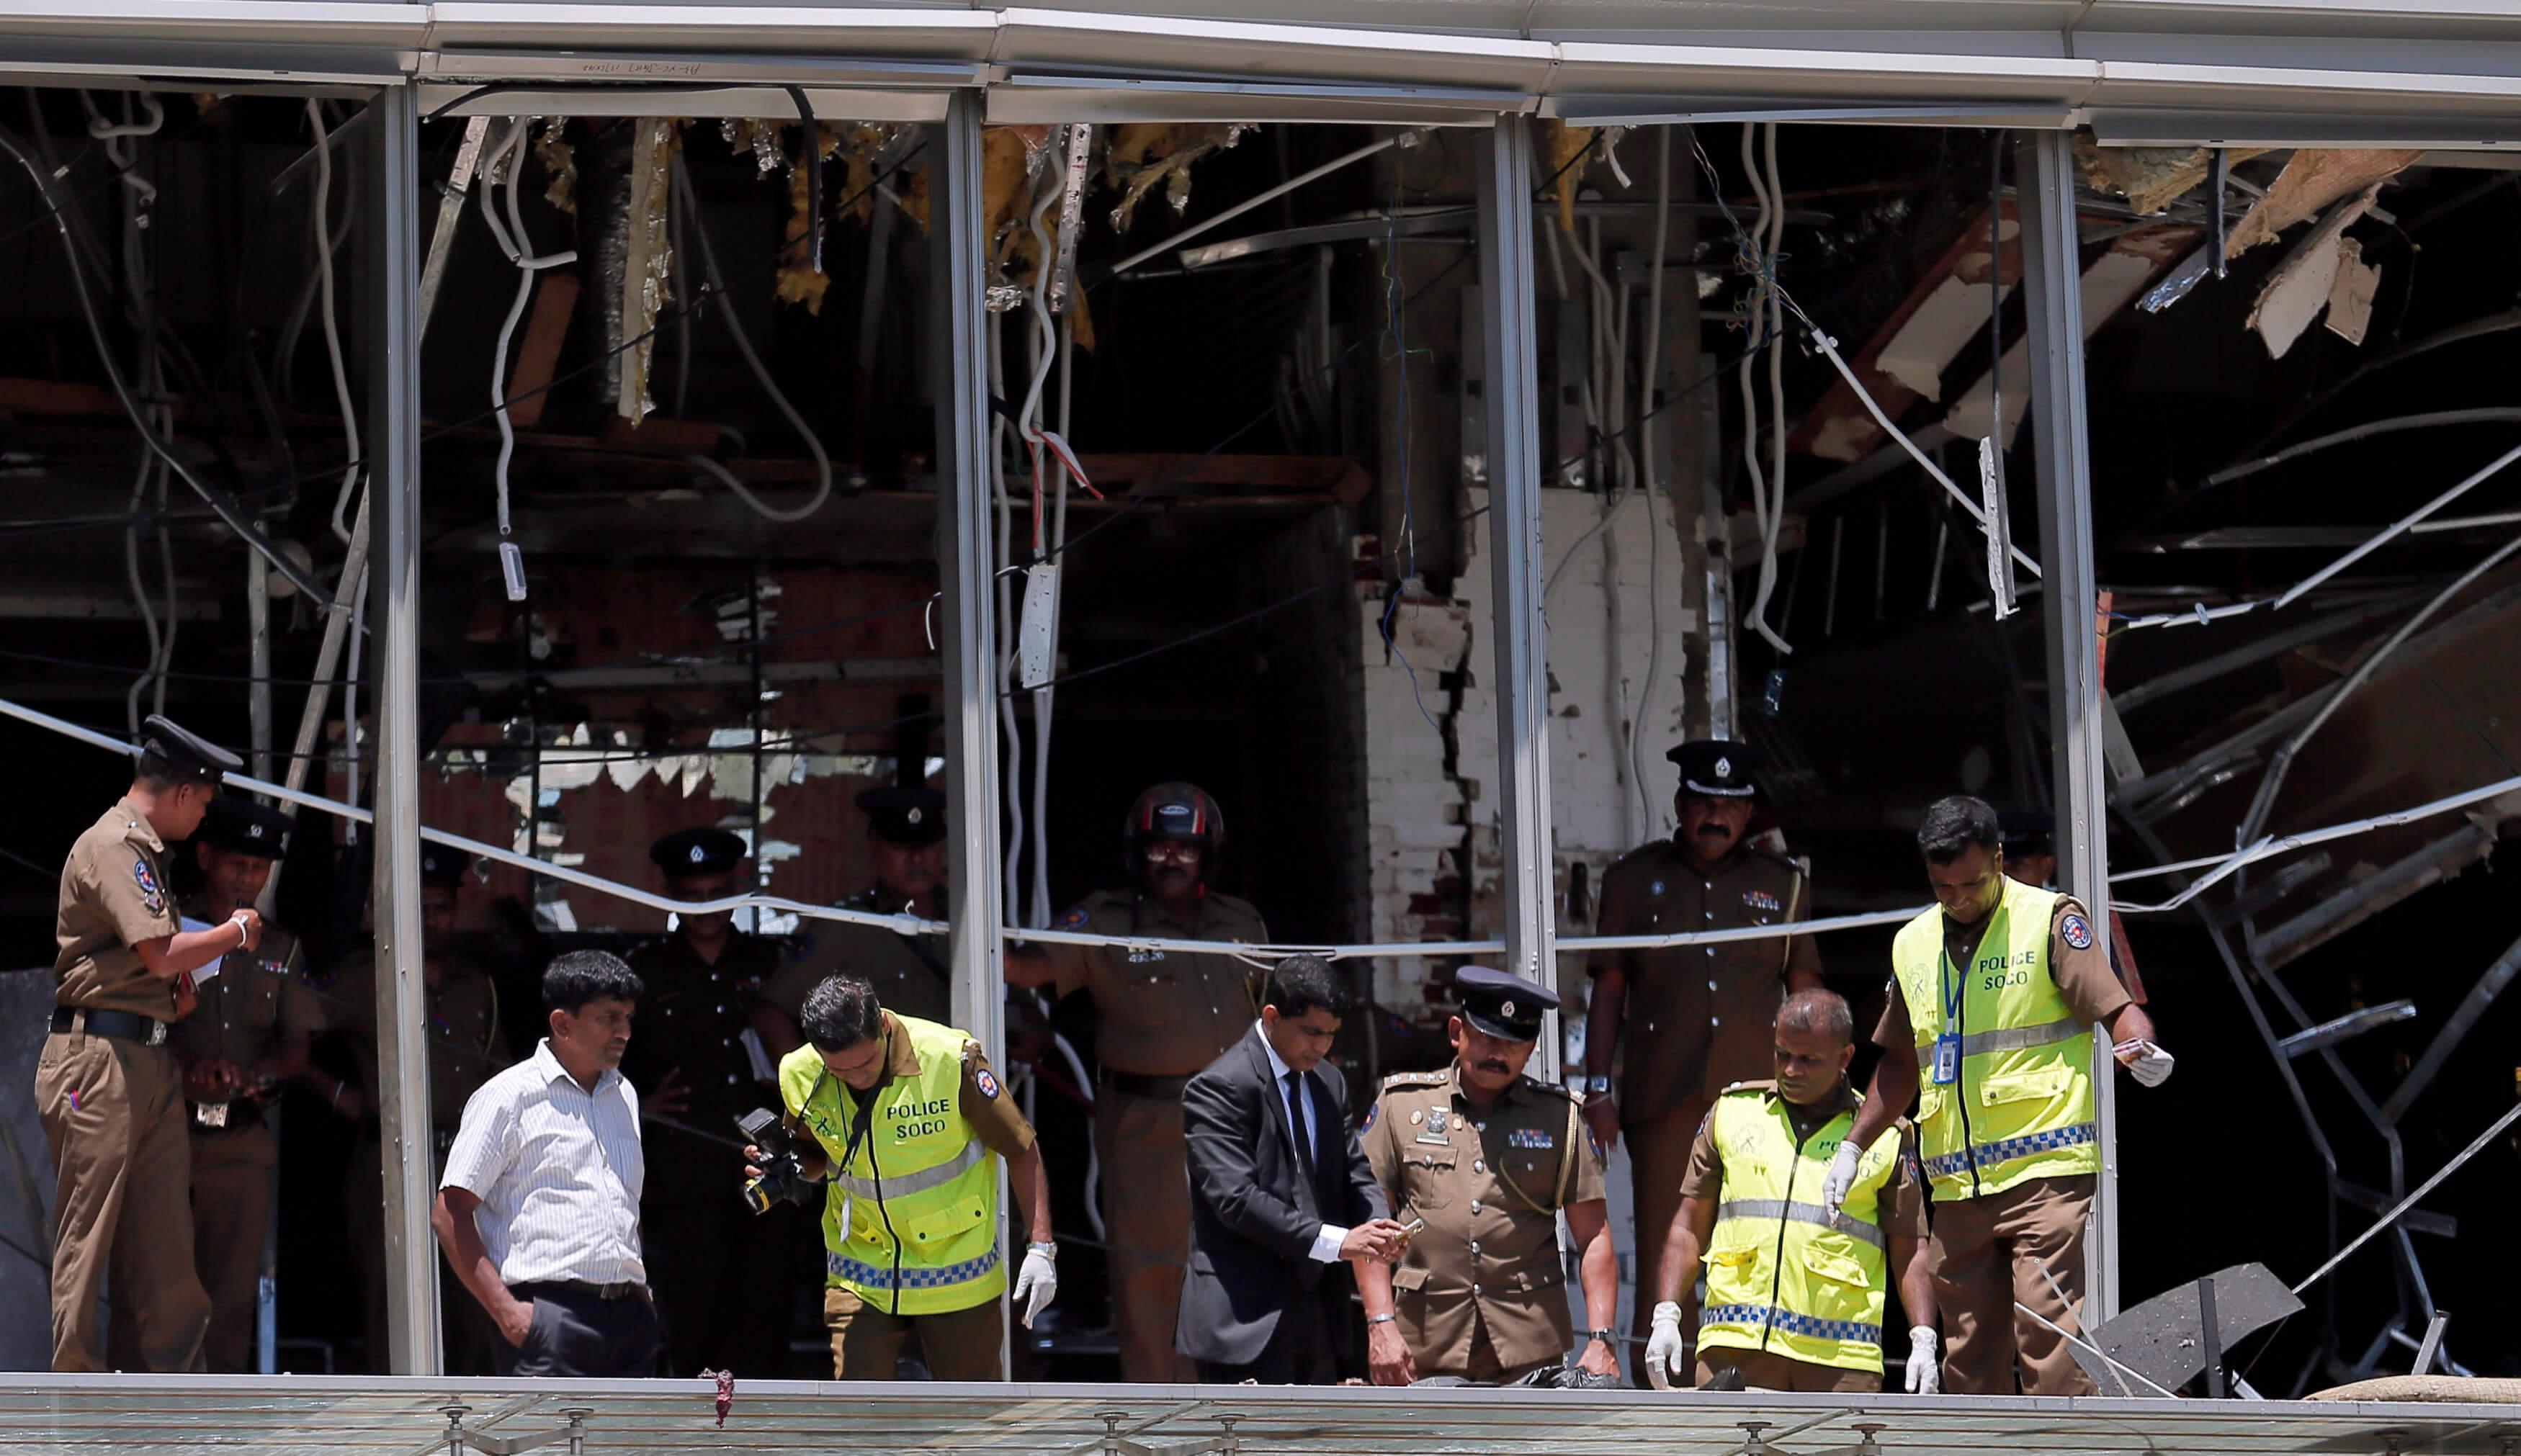 Φρίκη χωρίς τέλος στη Σρι Λάνκα! Και νέα έκρηξη σε ξενοδοχείο – Ανεβαίνει ο αριθμός των νεκρών